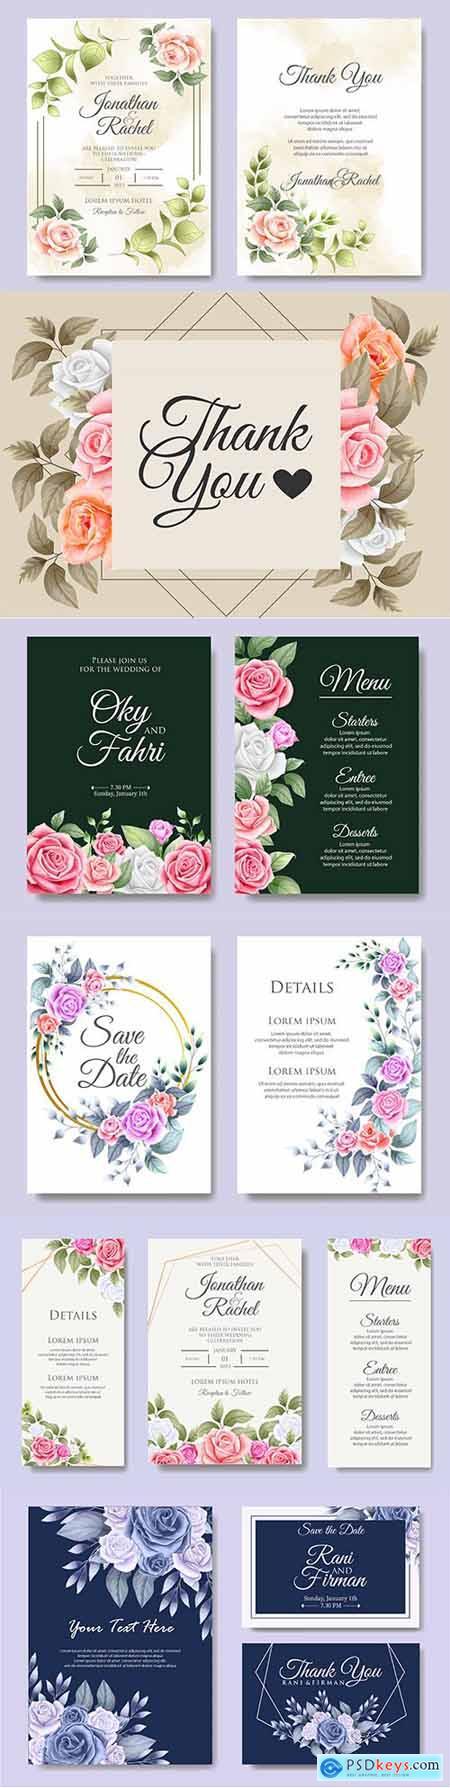 Elegant wedding invitation template flowers and leaves 2